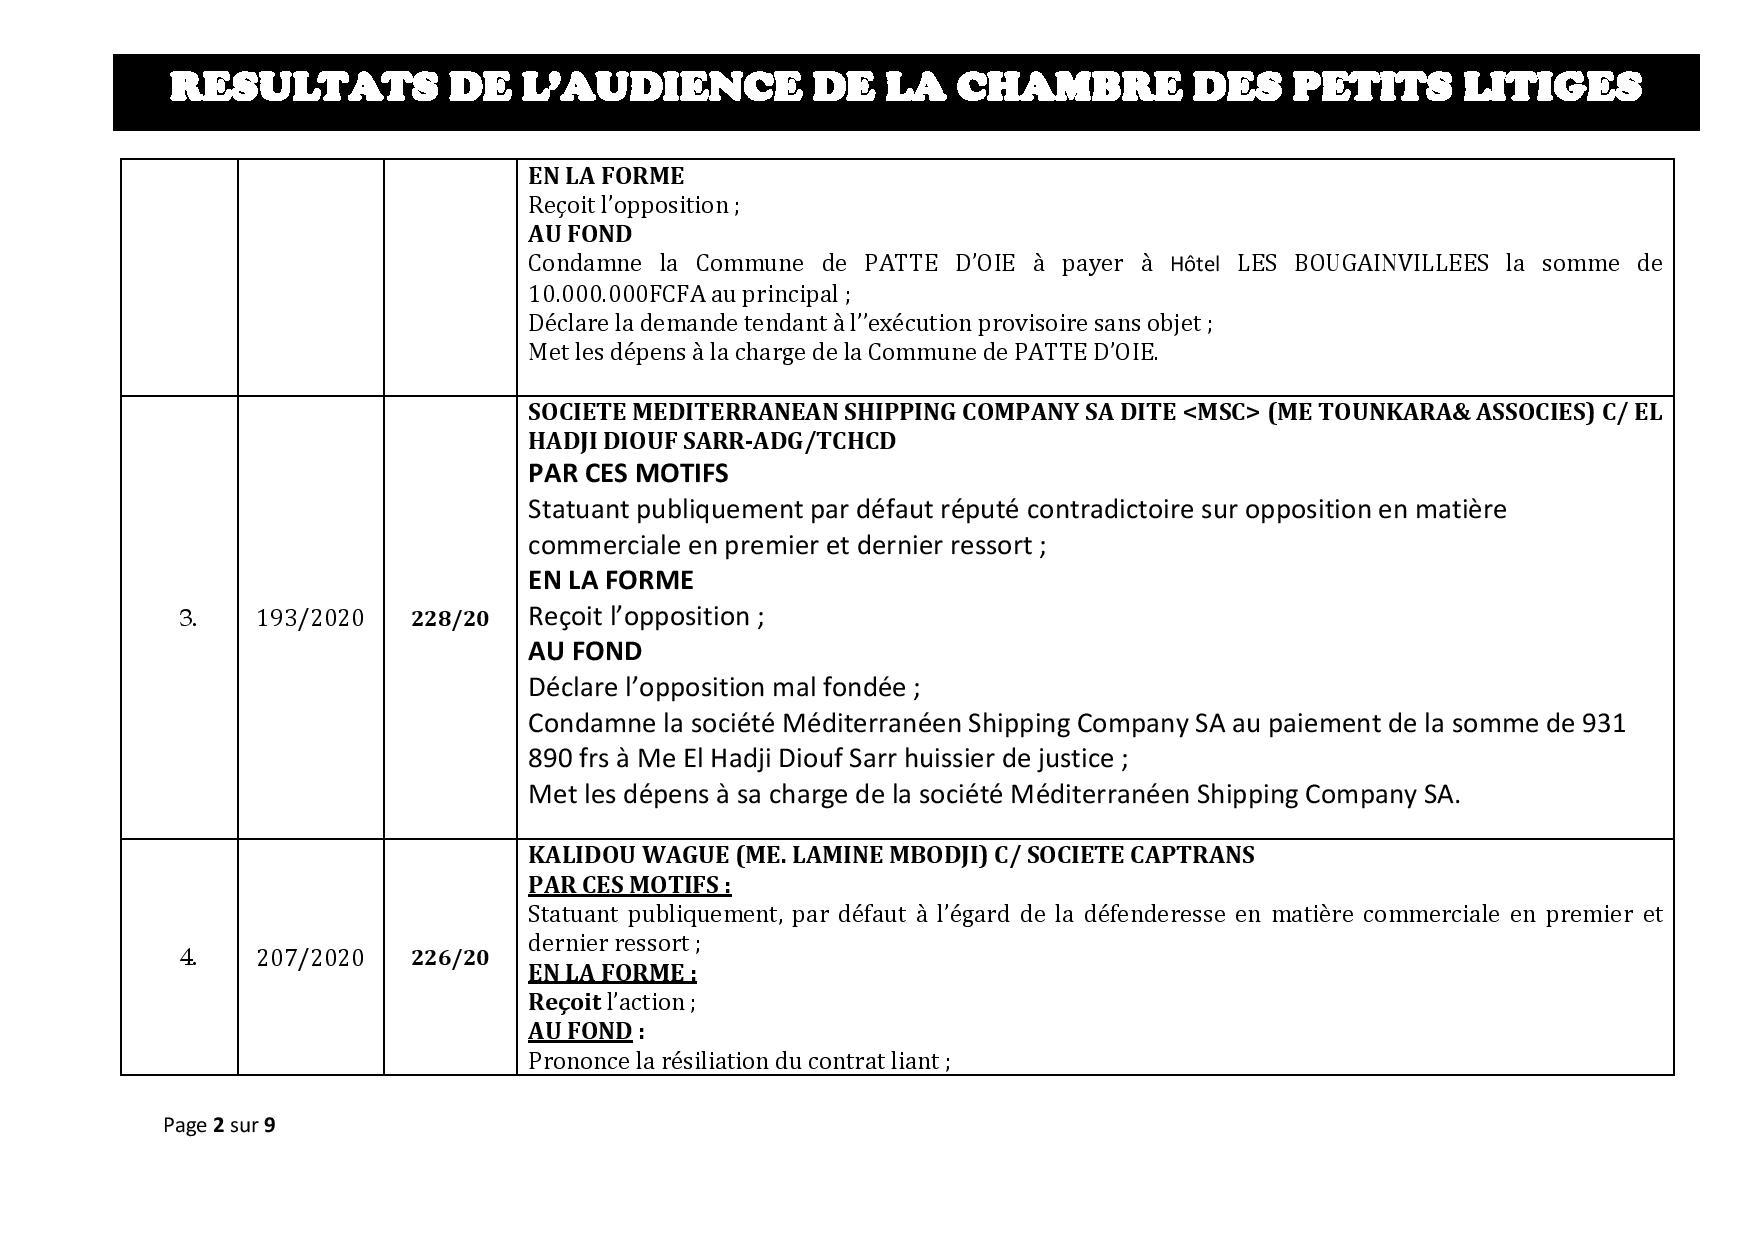 Tribunal du Commerce: Délibérés des Audiences de la Chambre des Petits Litiges du mardi 11 février